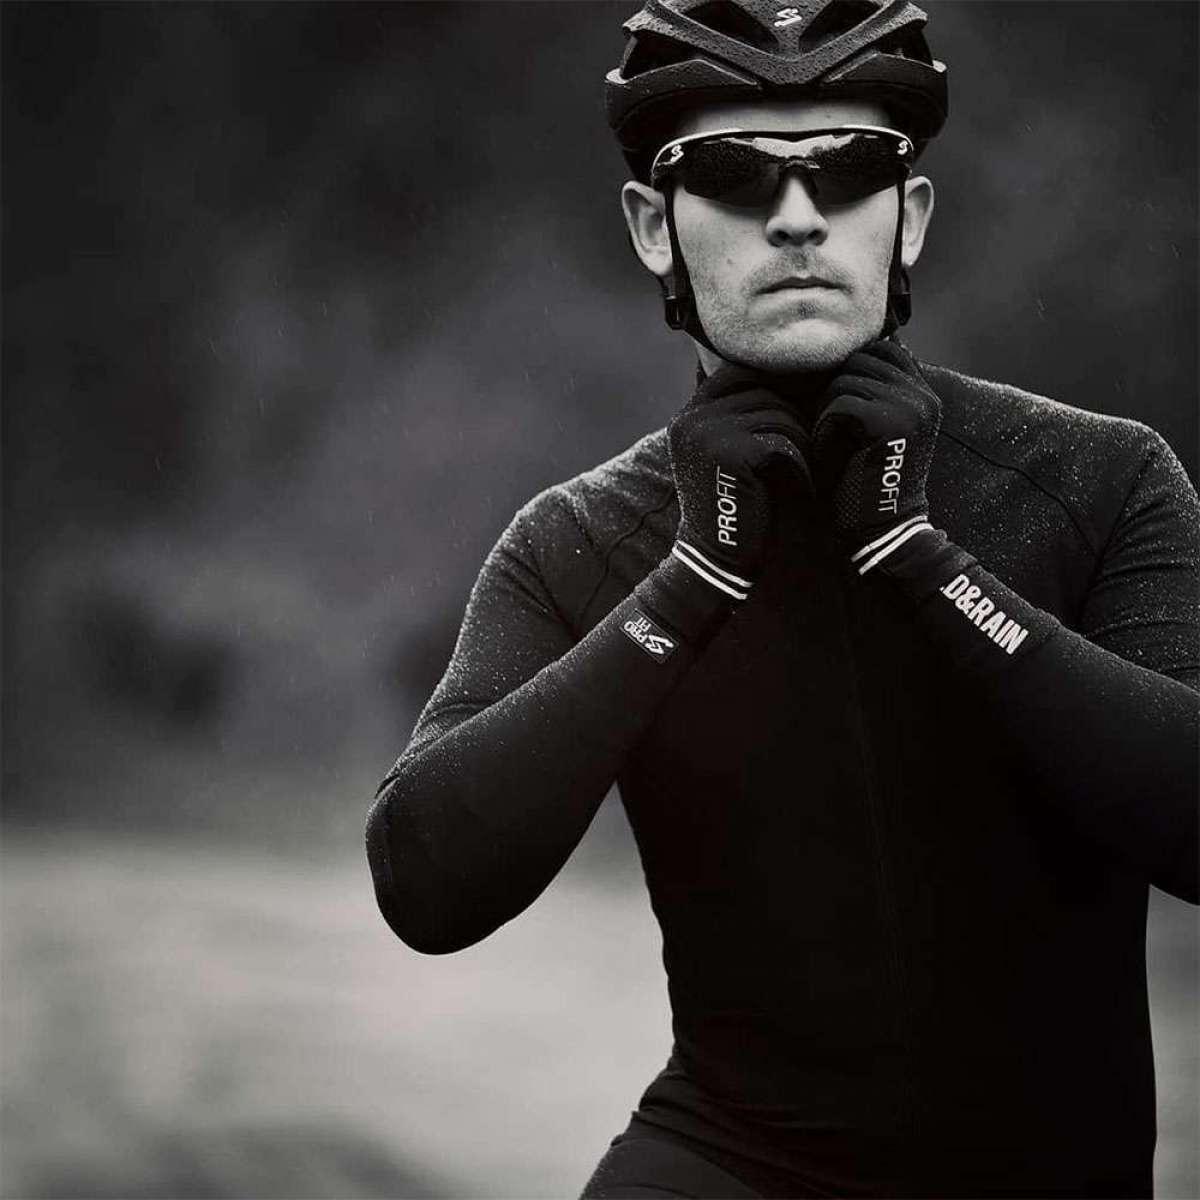 En TodoMountainBike: Spiuk blinda a los ciclistas frente a la lluvia y el viento con la chaqueta Profit Cold&Rain con membrana eVent